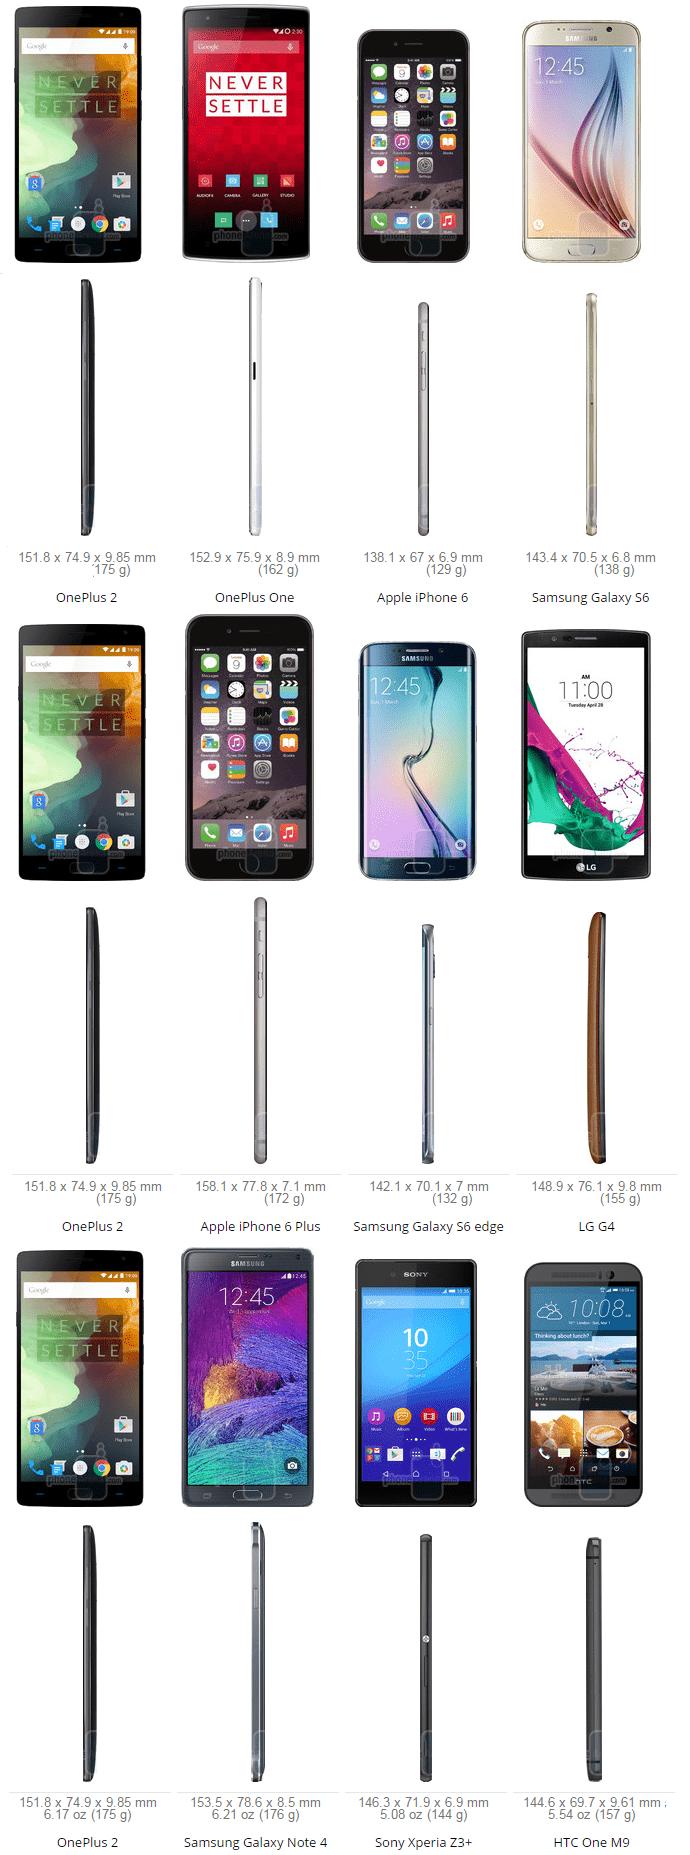 OnePlus 2 Size Comparsione